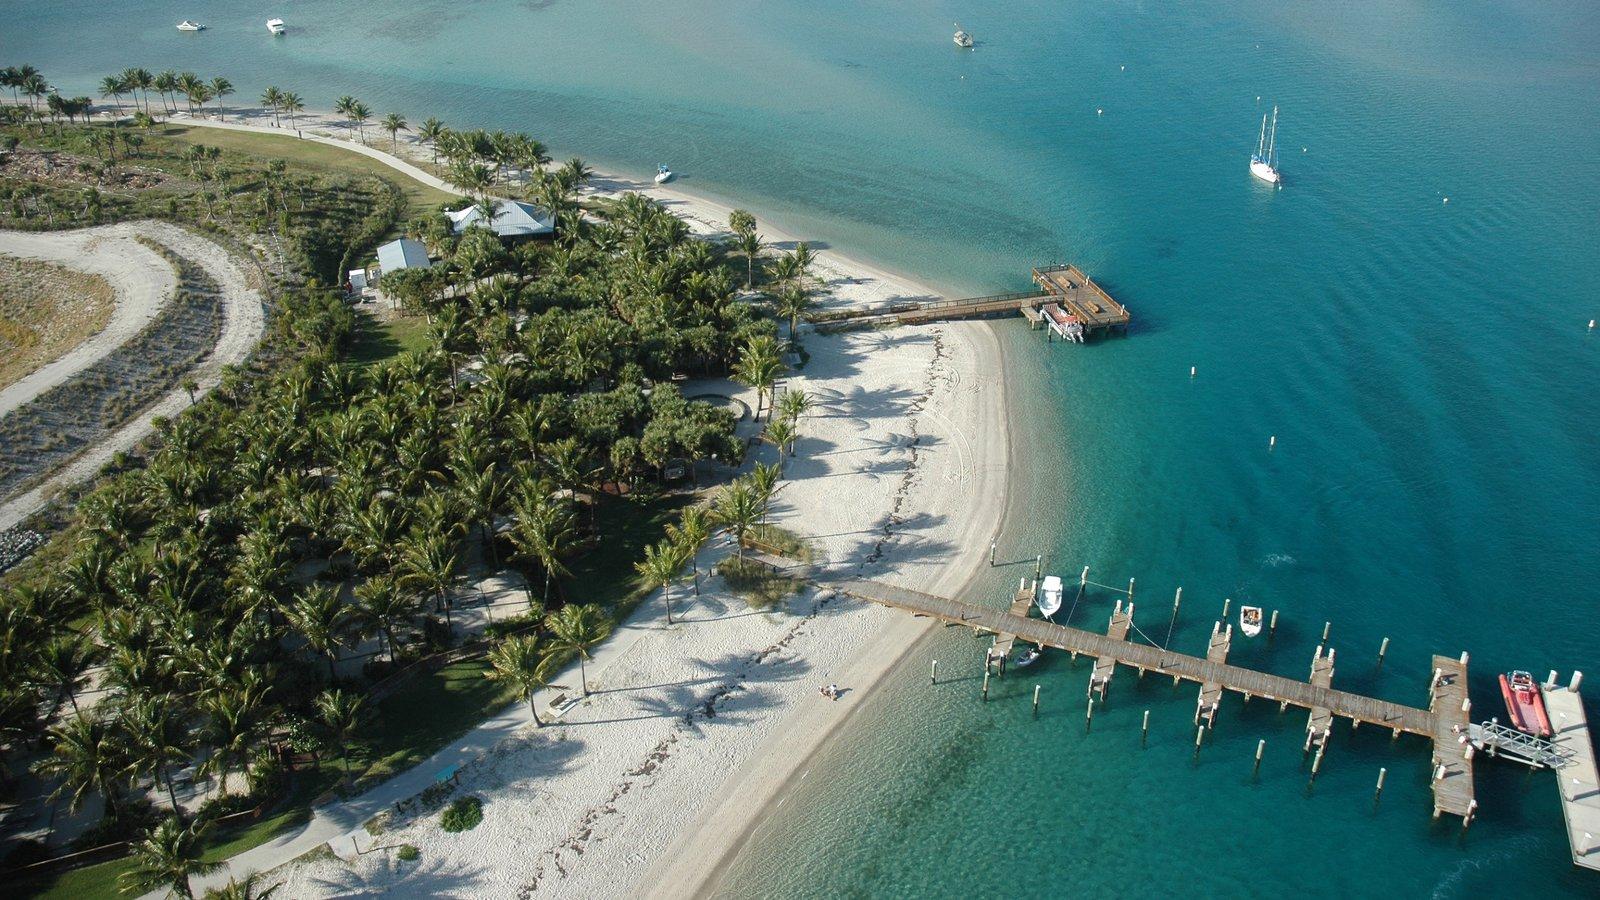 Fotos De Playa Ver Imgenes De Palm Beach - West Palm Beach-9713